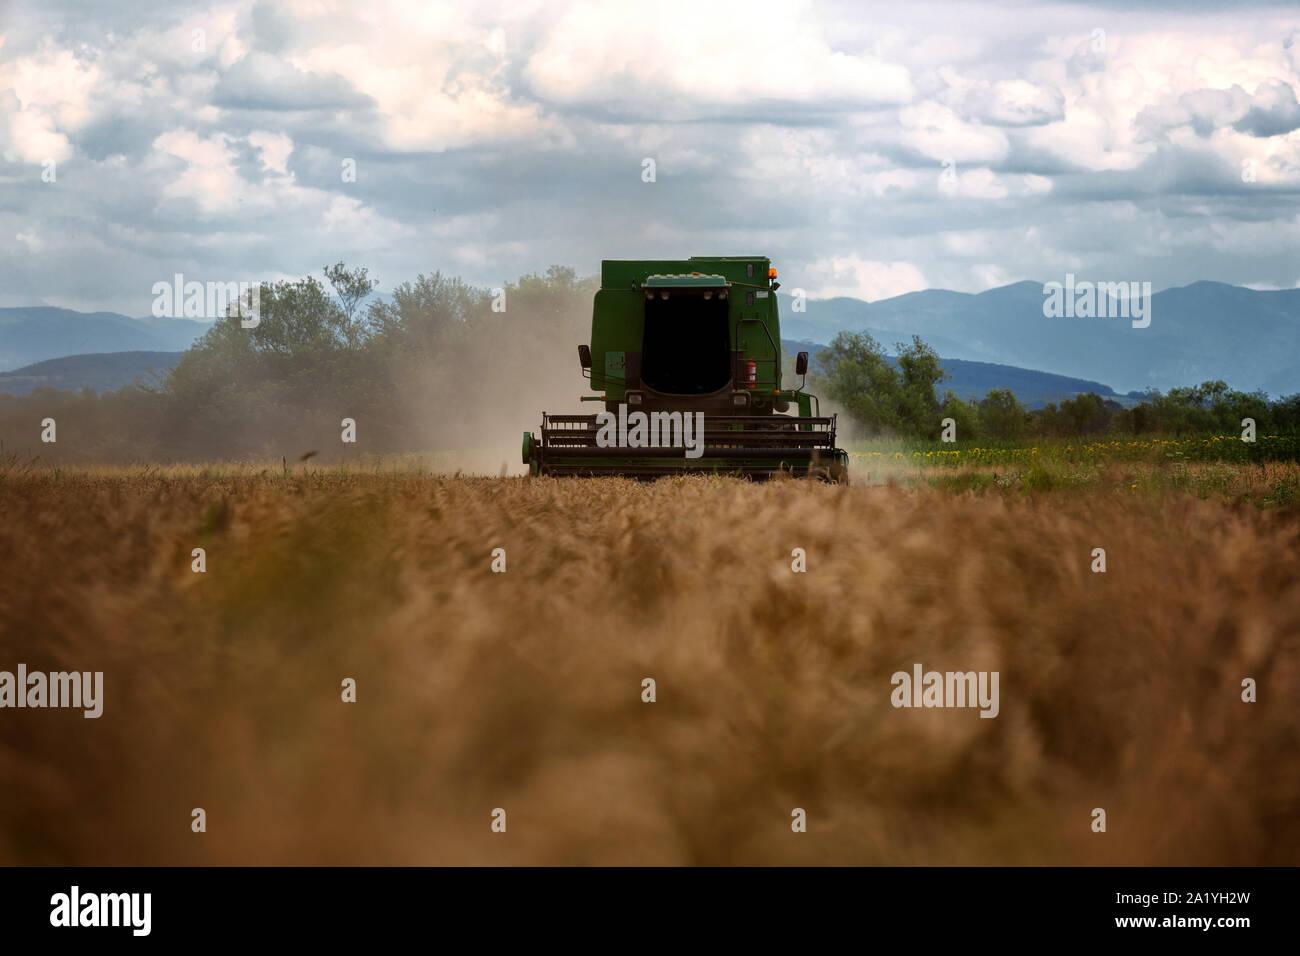 Mietitrebbia in azione sul campo di grano. La raccolta è il processo di raccolta di un raccolto maturo dai campi. Foto Stock